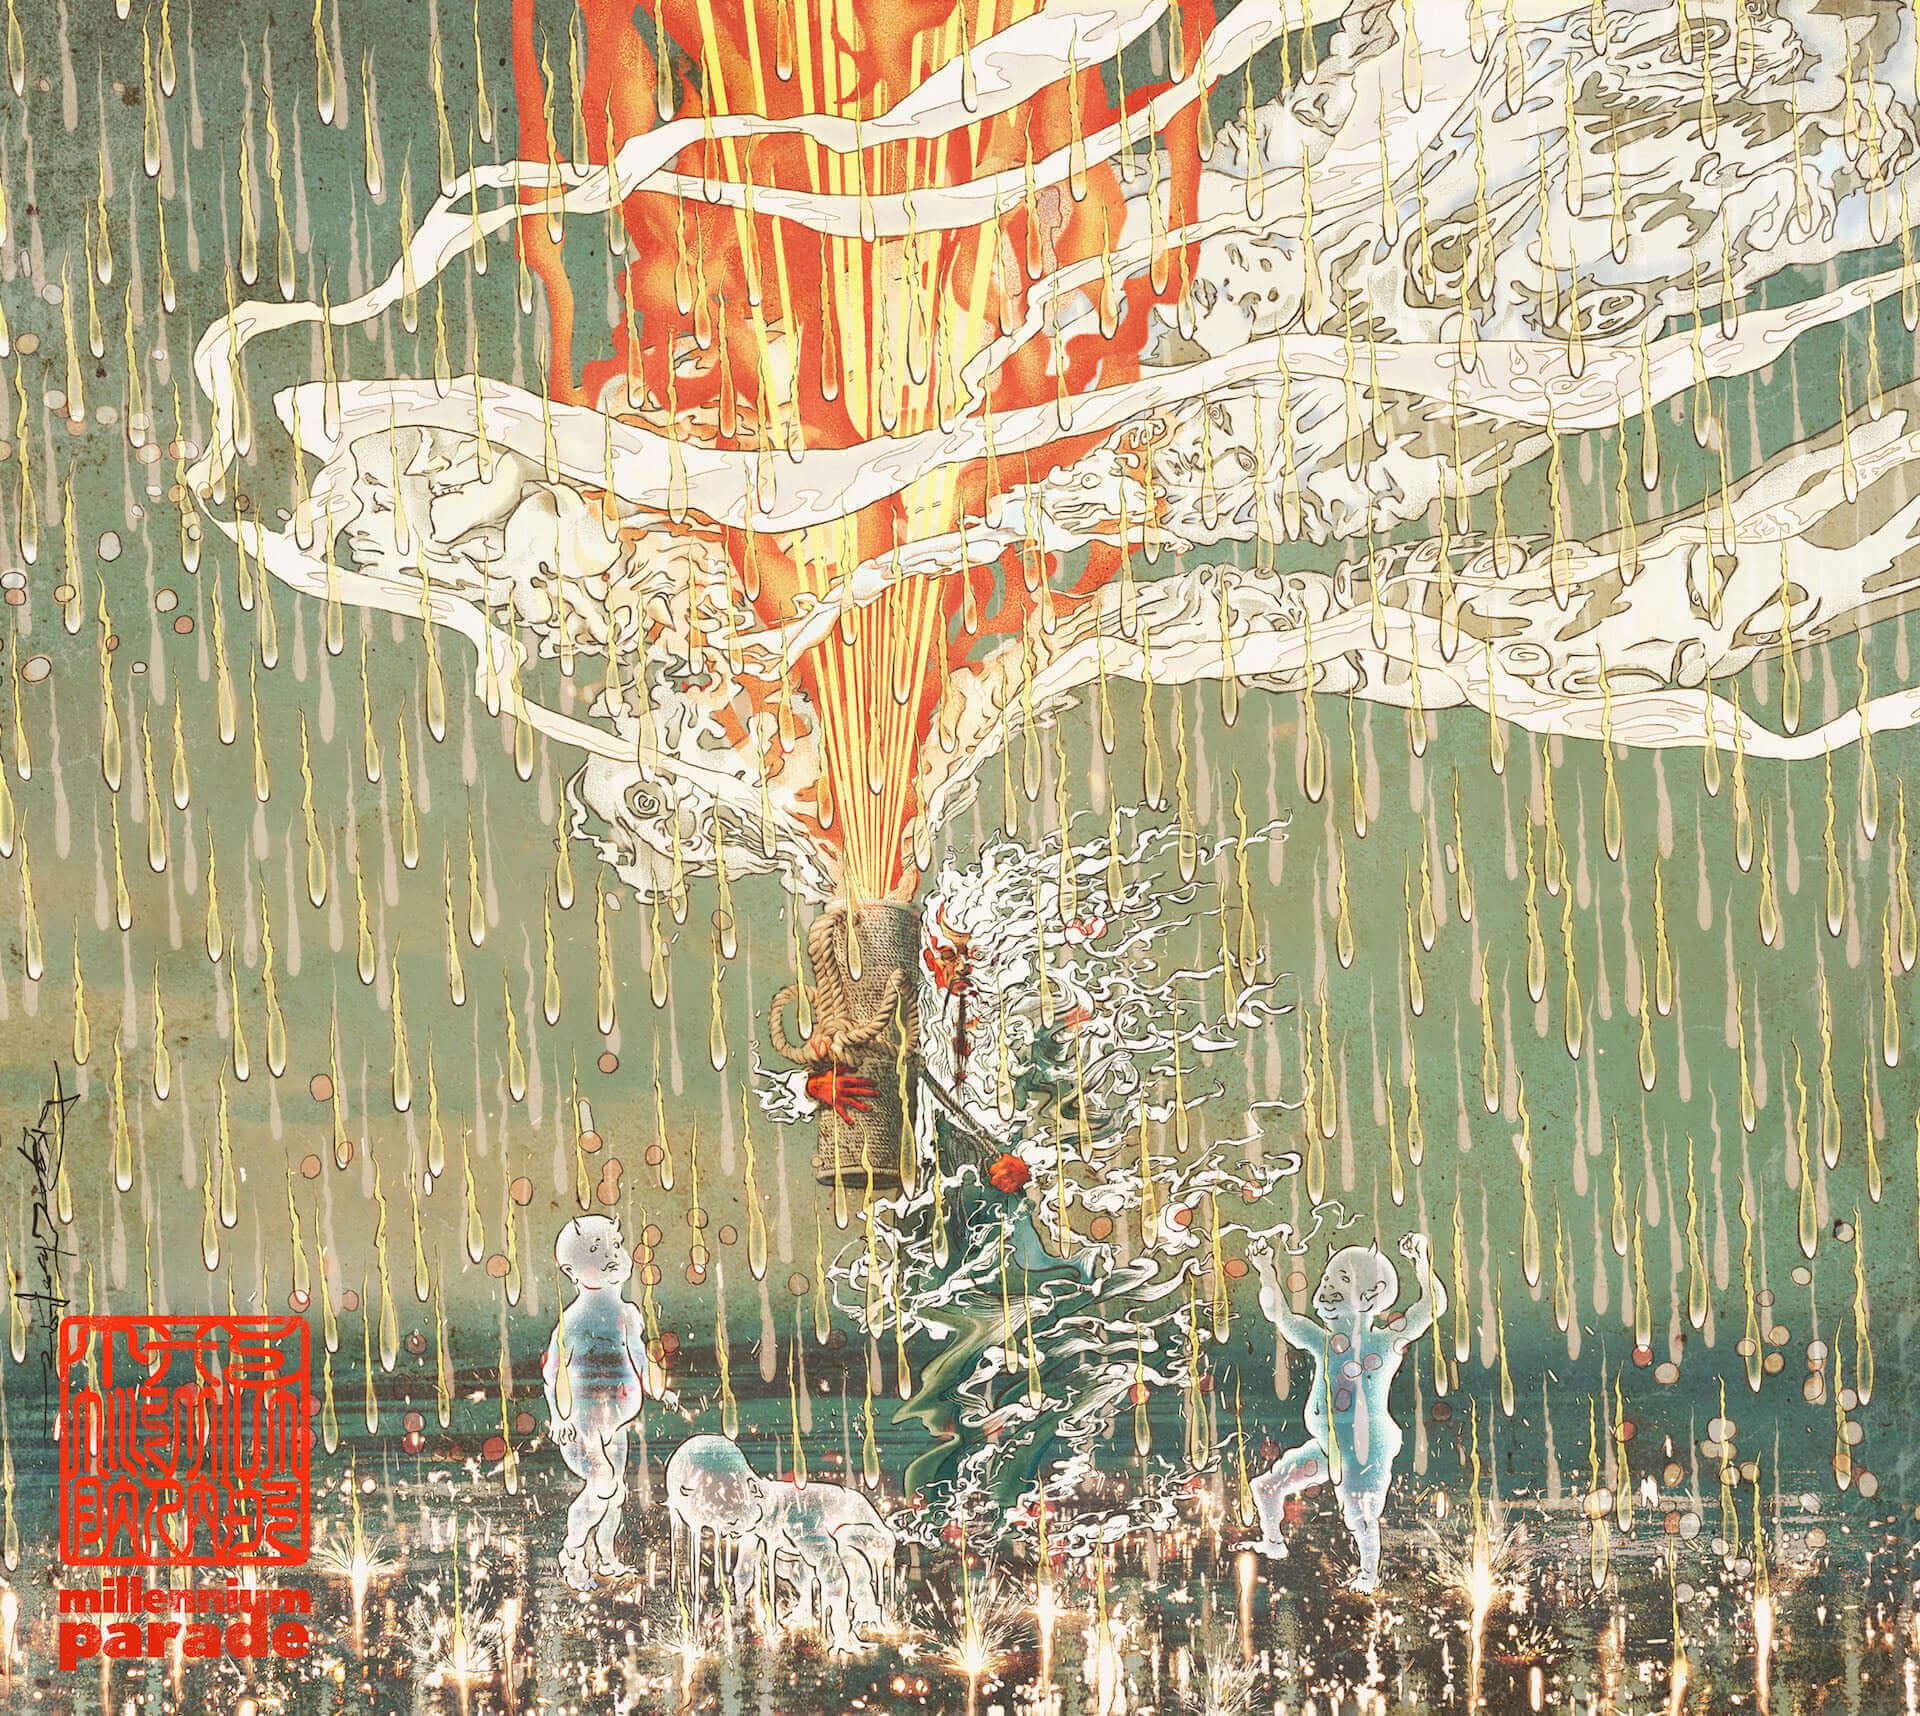 常田大希率いるmillennium paradeが今年最初で最後のワンマンライブを披露!ライブレポート&1stアルバムトラックリストが公開 music201224_millenniumparade_4-1920x1716